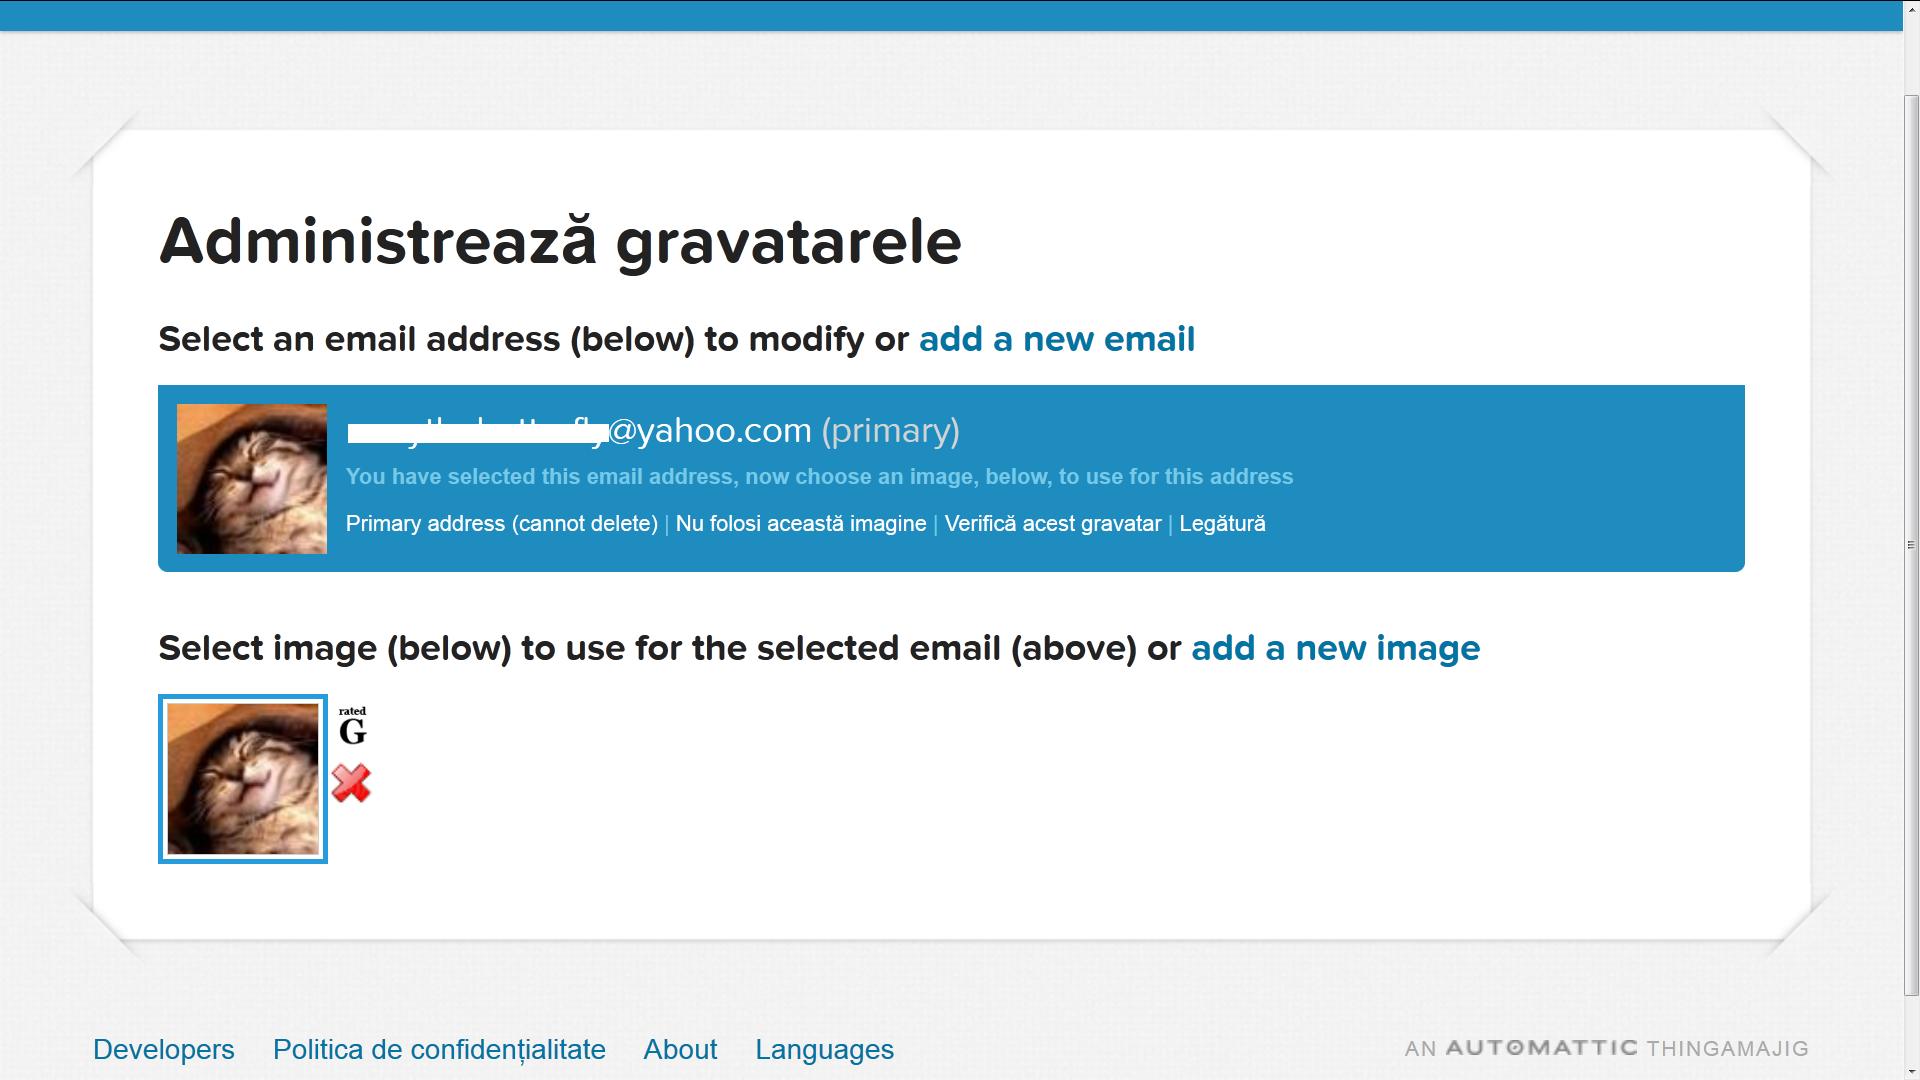 Selecteaza foto de mai jos ptr. a fi intotdeauna asociata adresei e-mail de mai sus